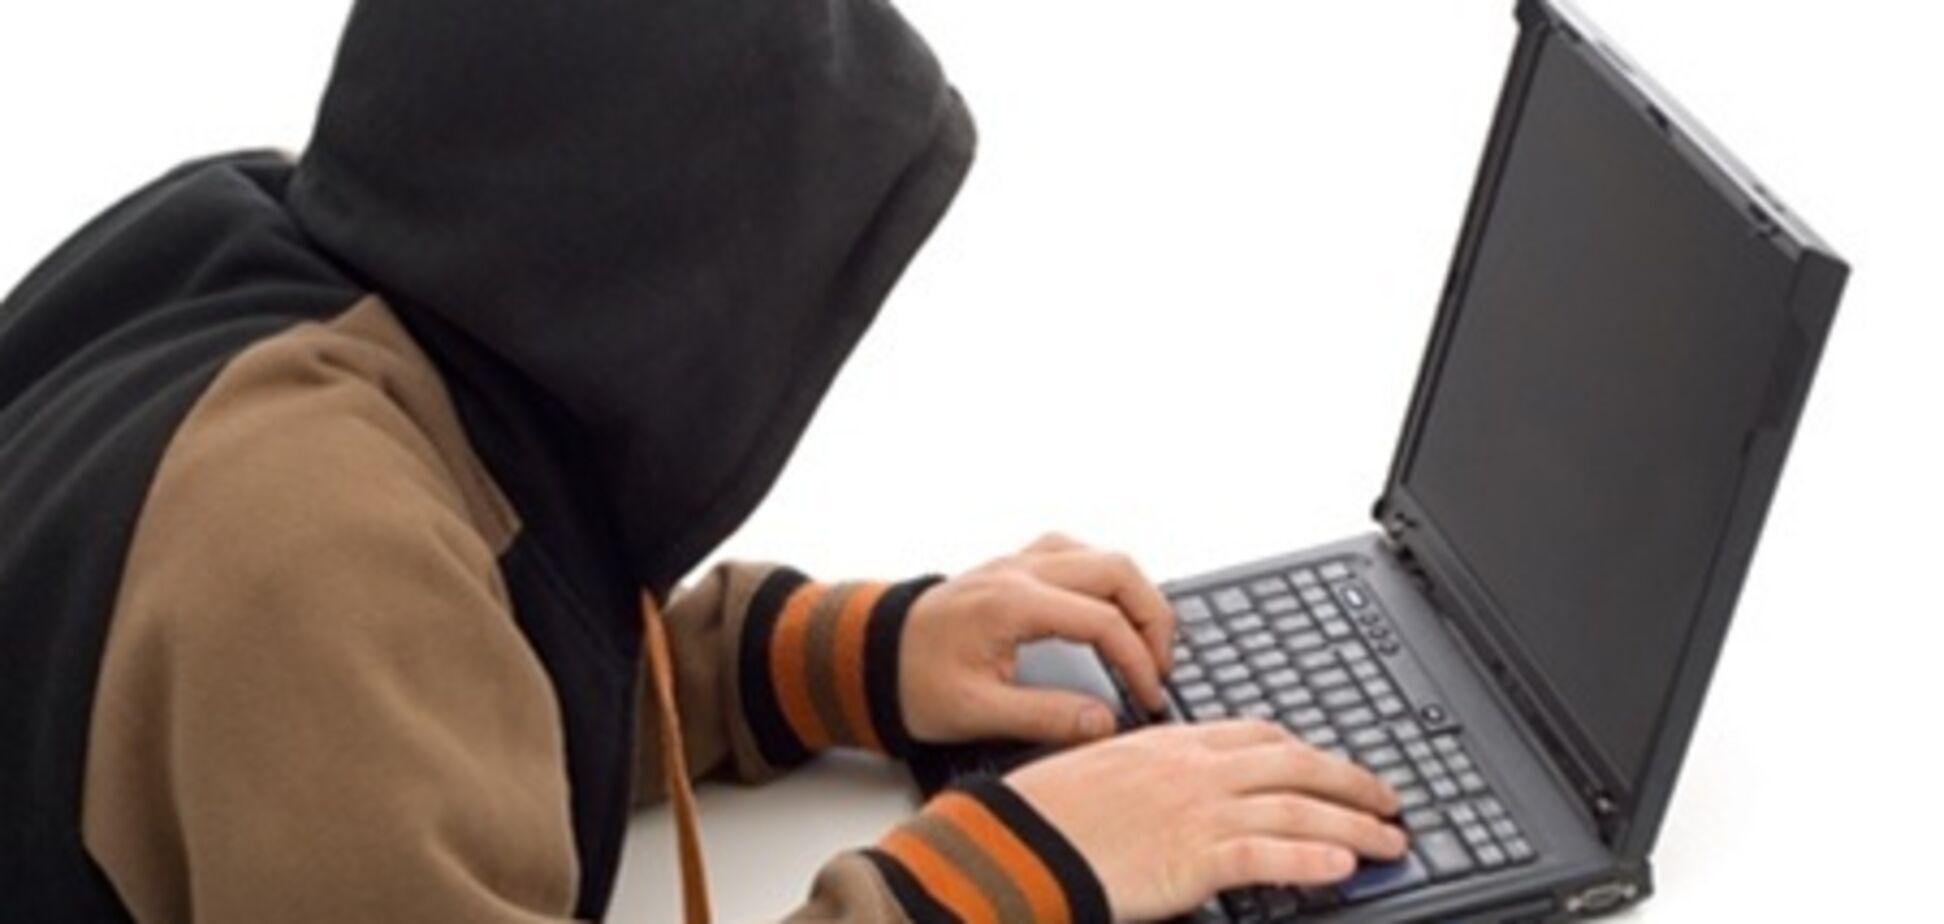 Хакеры взломали почту премьер-министра Бельгии